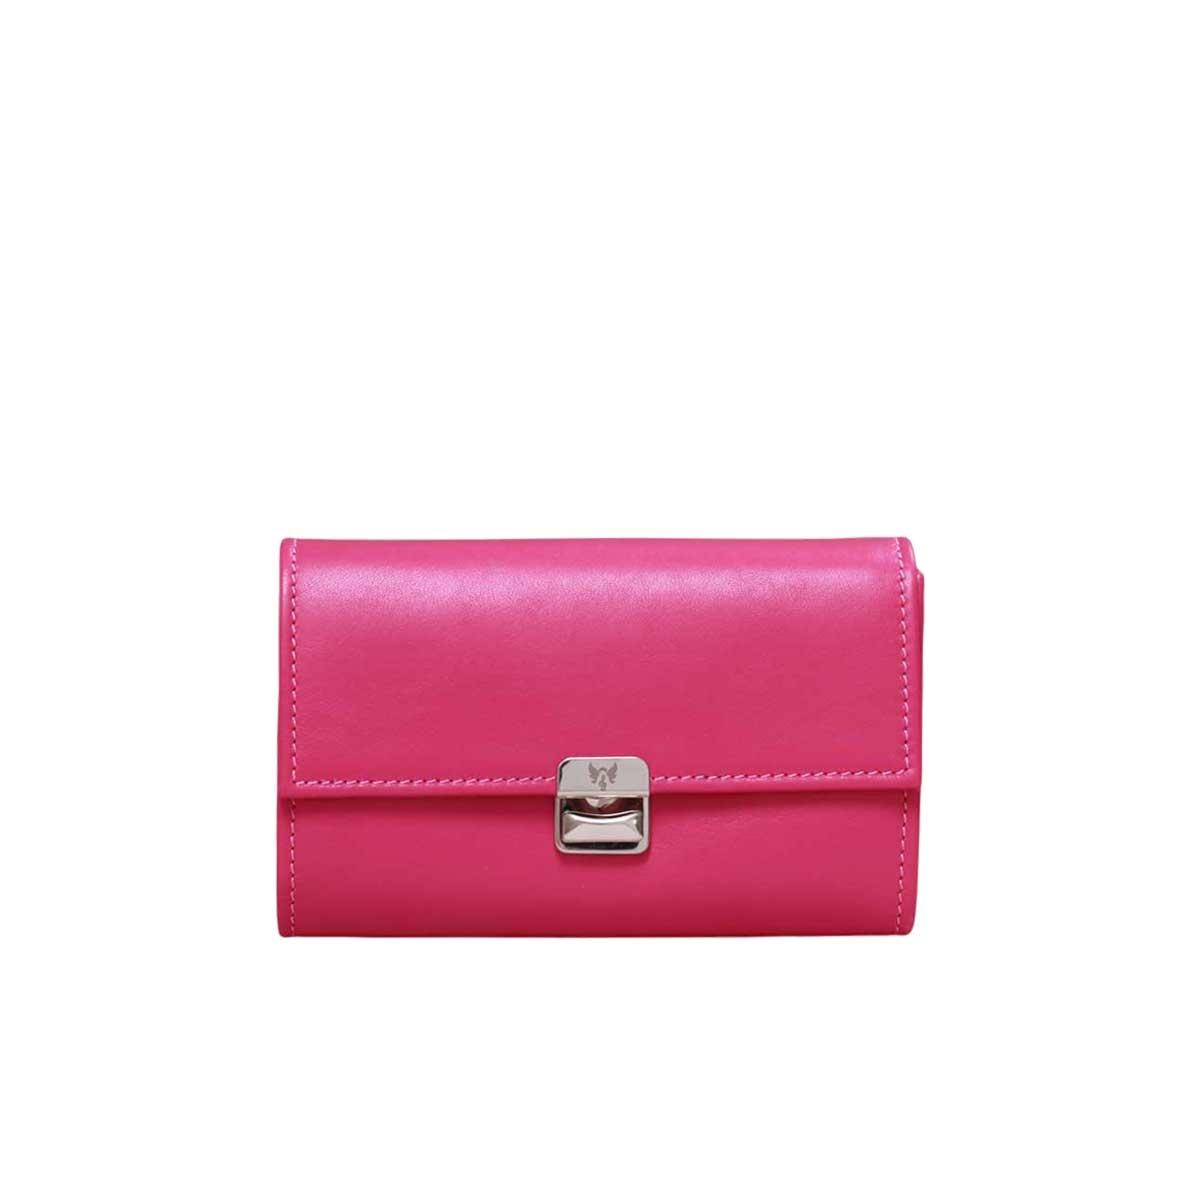 pink portemonnaie damen leder elfenklang